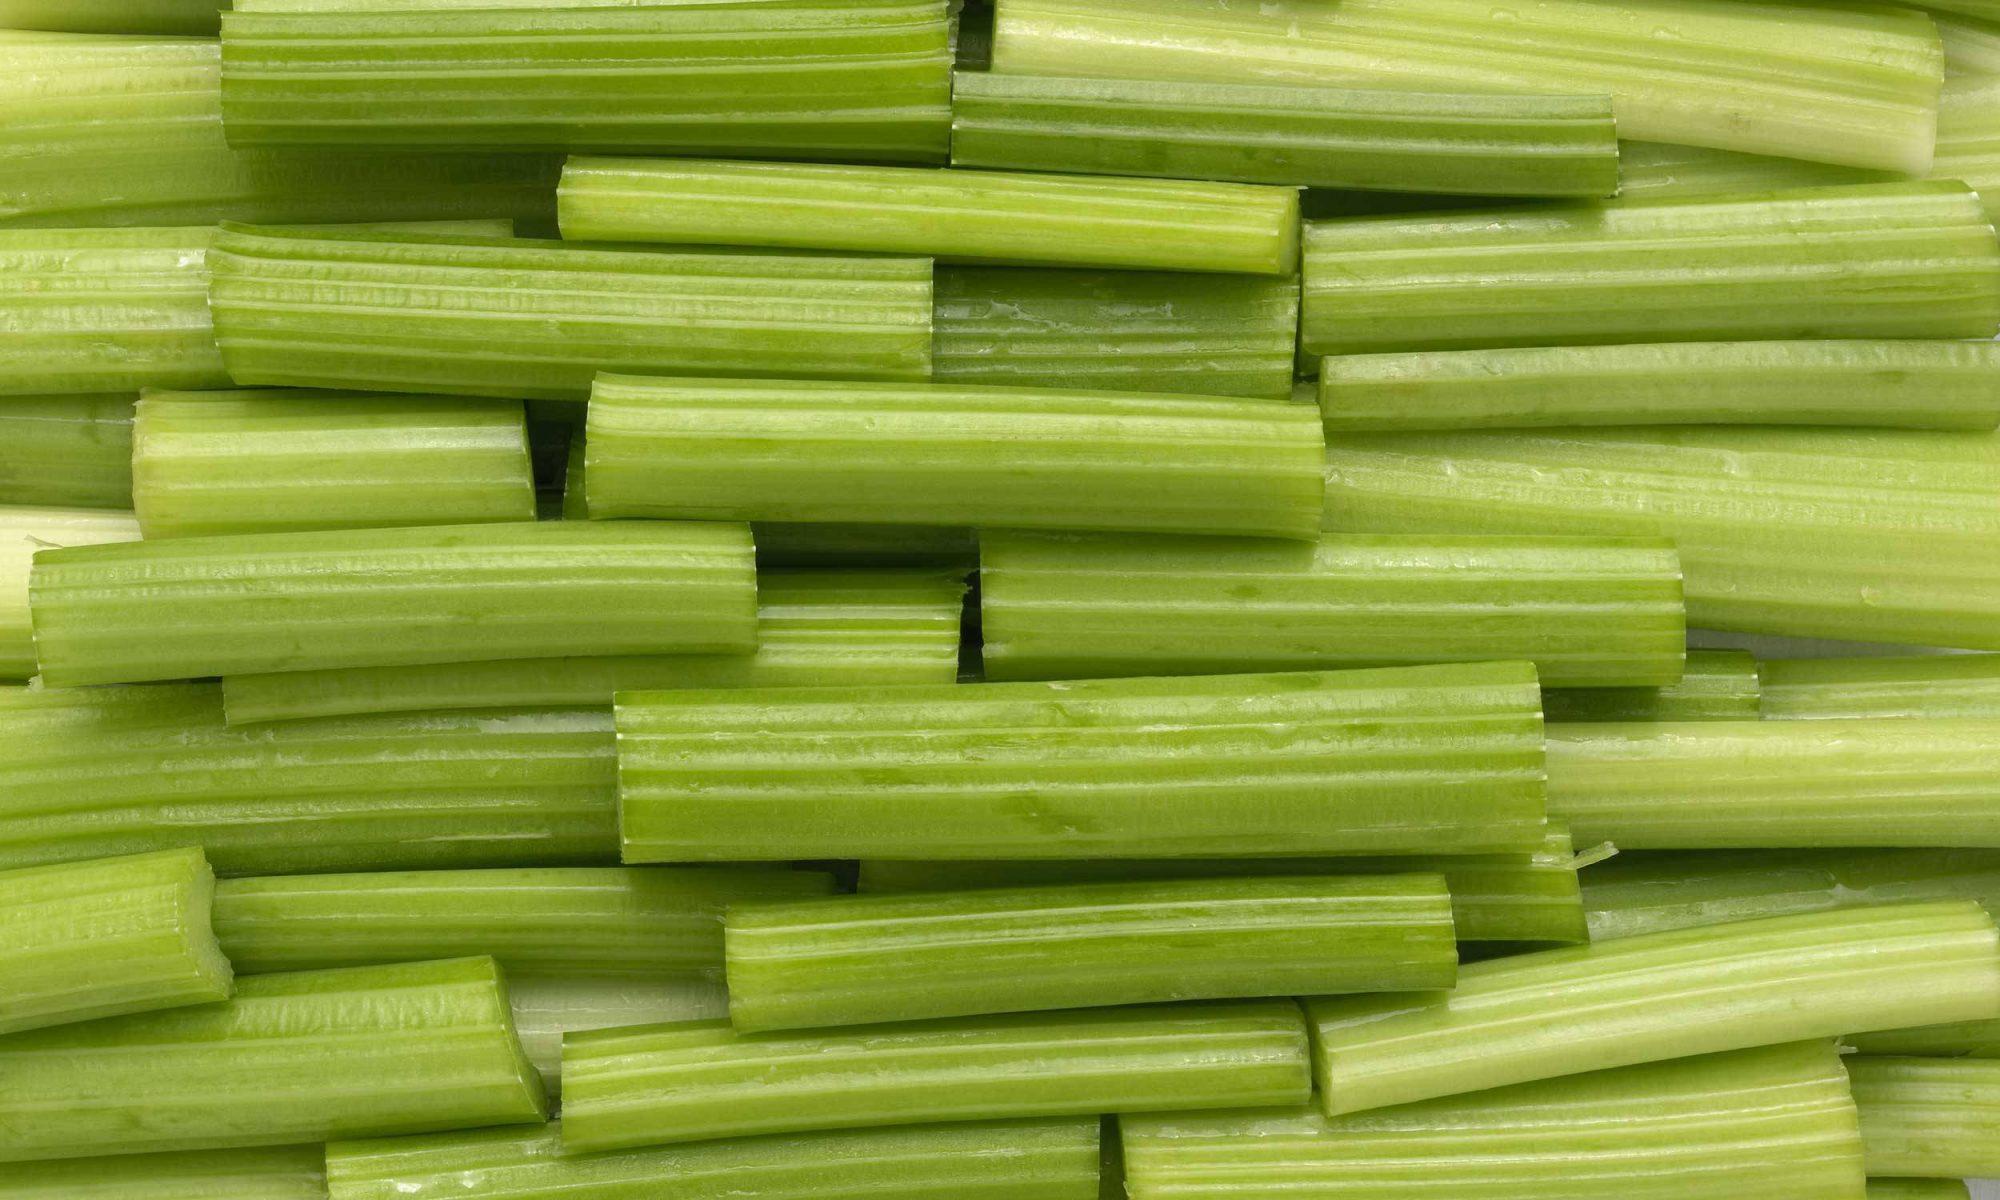 Cut up celery stalks